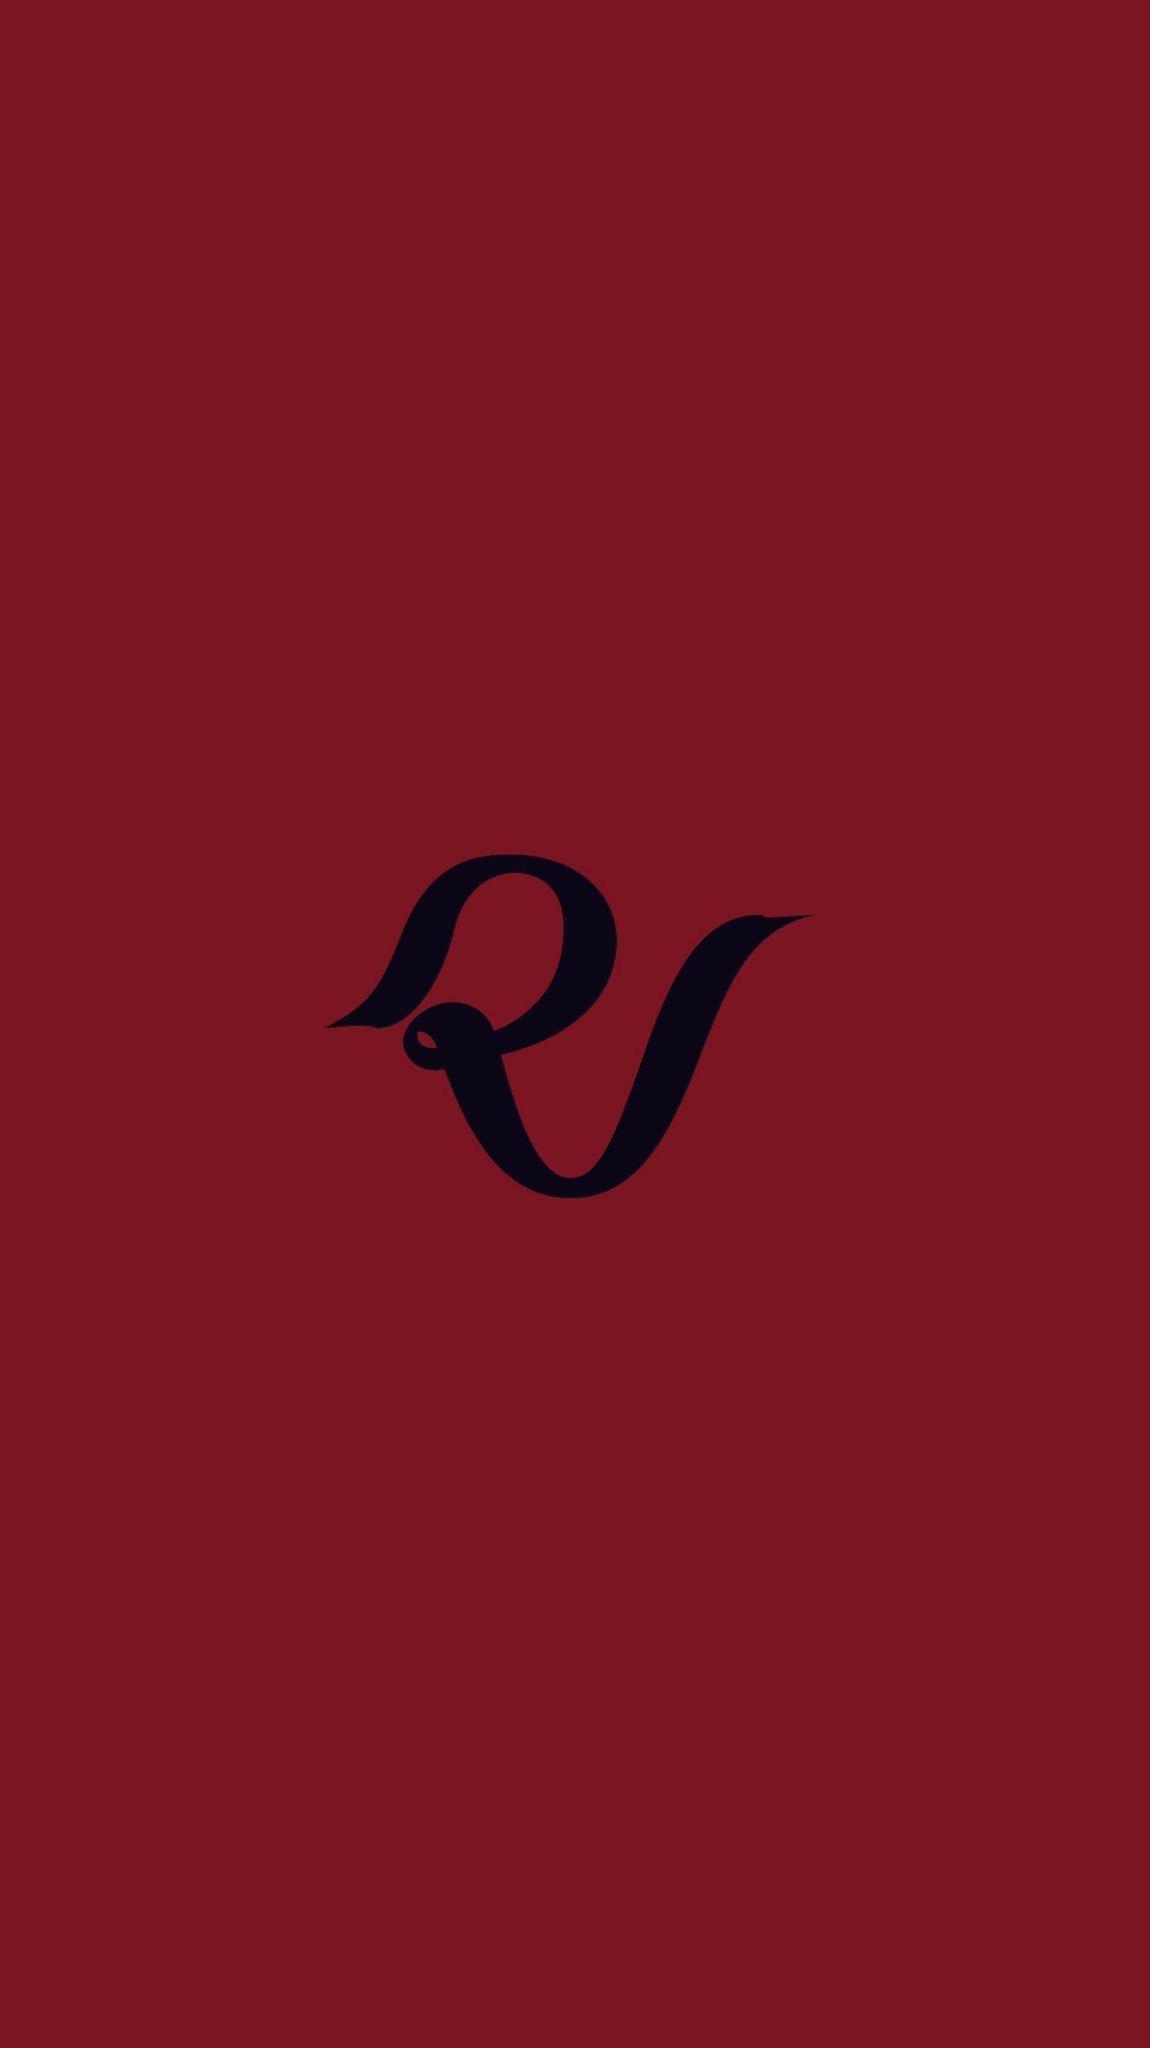 Red Velvet Wallpaper Solid Block Colours Black Red Fotografi Hitam Putih Fotografi Gambar